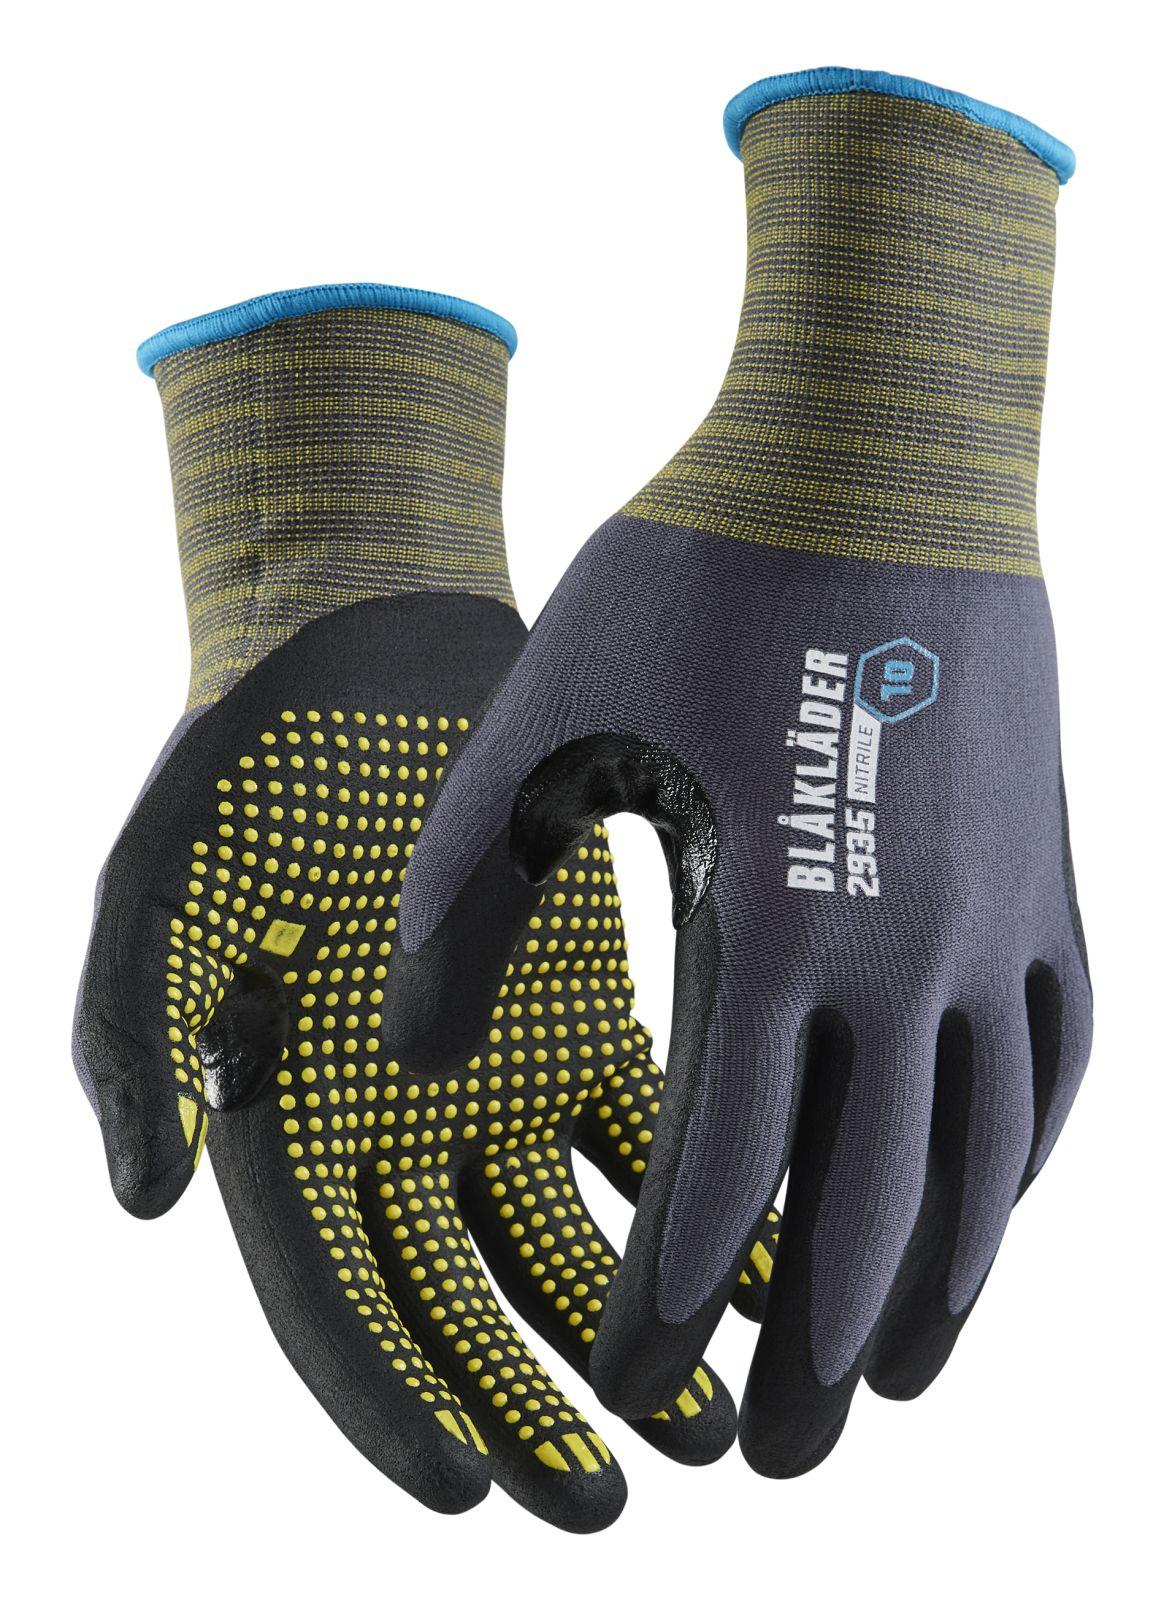 Blaklader handschoenen 29351456 grijs(9400)